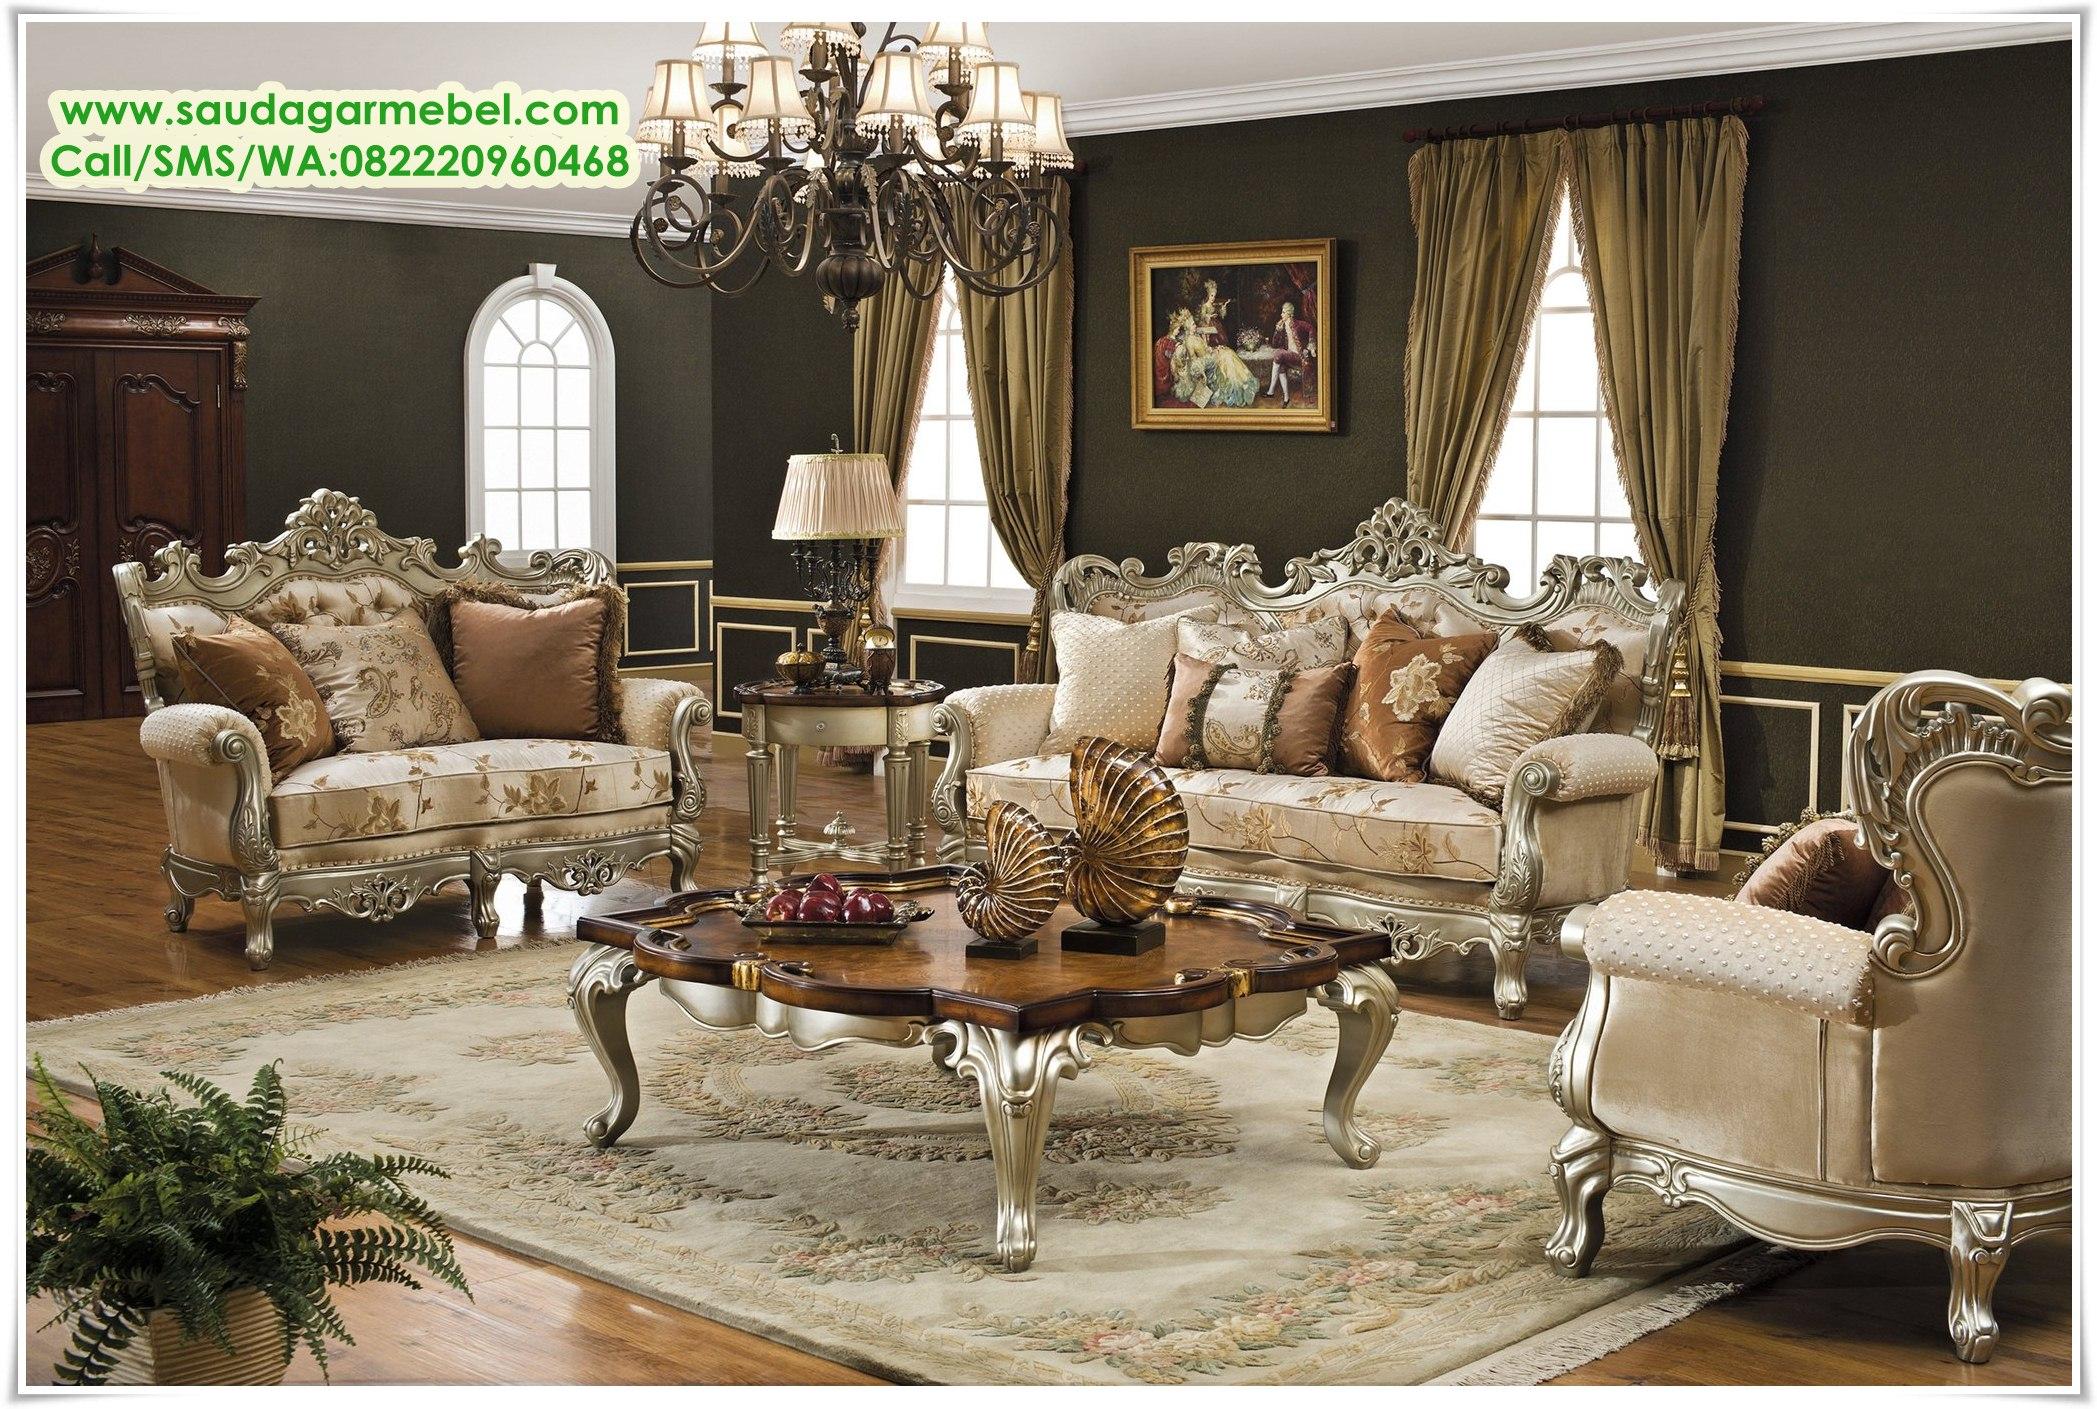 Sofa Ruang Tamu Mewah,  Sofa Ruang Tamu Mewah Modern,Jual Sofa, Harga Sofa Terbaru, Sofa Ruang Tamu, Sofa Tamu, Sofa Ruang Tamu Mewah, Sofa Mewah Untuk Ruang Tamu, Harga Sofa Ruang Tamu Mewah, Ruang Tamu Mewah Modern, Desain Sofa Ruang Tamu Elegan, Sofa Kulit Minimalis, Desain Interior Ruang Tamu Elegan, Ruang Tamu Mewah Minimalis, Sofa Ruang Tamu Elegan Minimalis, Sofa Ruang Tamu Murah, Sofa Ruang Tamu Modern, Sofa Ruang Tamu Clasik, Sofa Ruang Tamu Baru, Sofa Ruang Tamu dan Harganya, Sofa Ruang Tamu Untuk Rumah Minimalis, Sofa Ruang Tamu Kecil, Harga Sofa, Kursi Sofa, Kursi Sofa Mewah, Kursi Ruang Tamu, Kursi Tamu, Sofa Minimalis, Set Kursi Tamu, Furniture Jepara, Mebel Jepara, Furniture Mebel Jepara, Saudagar Mebel